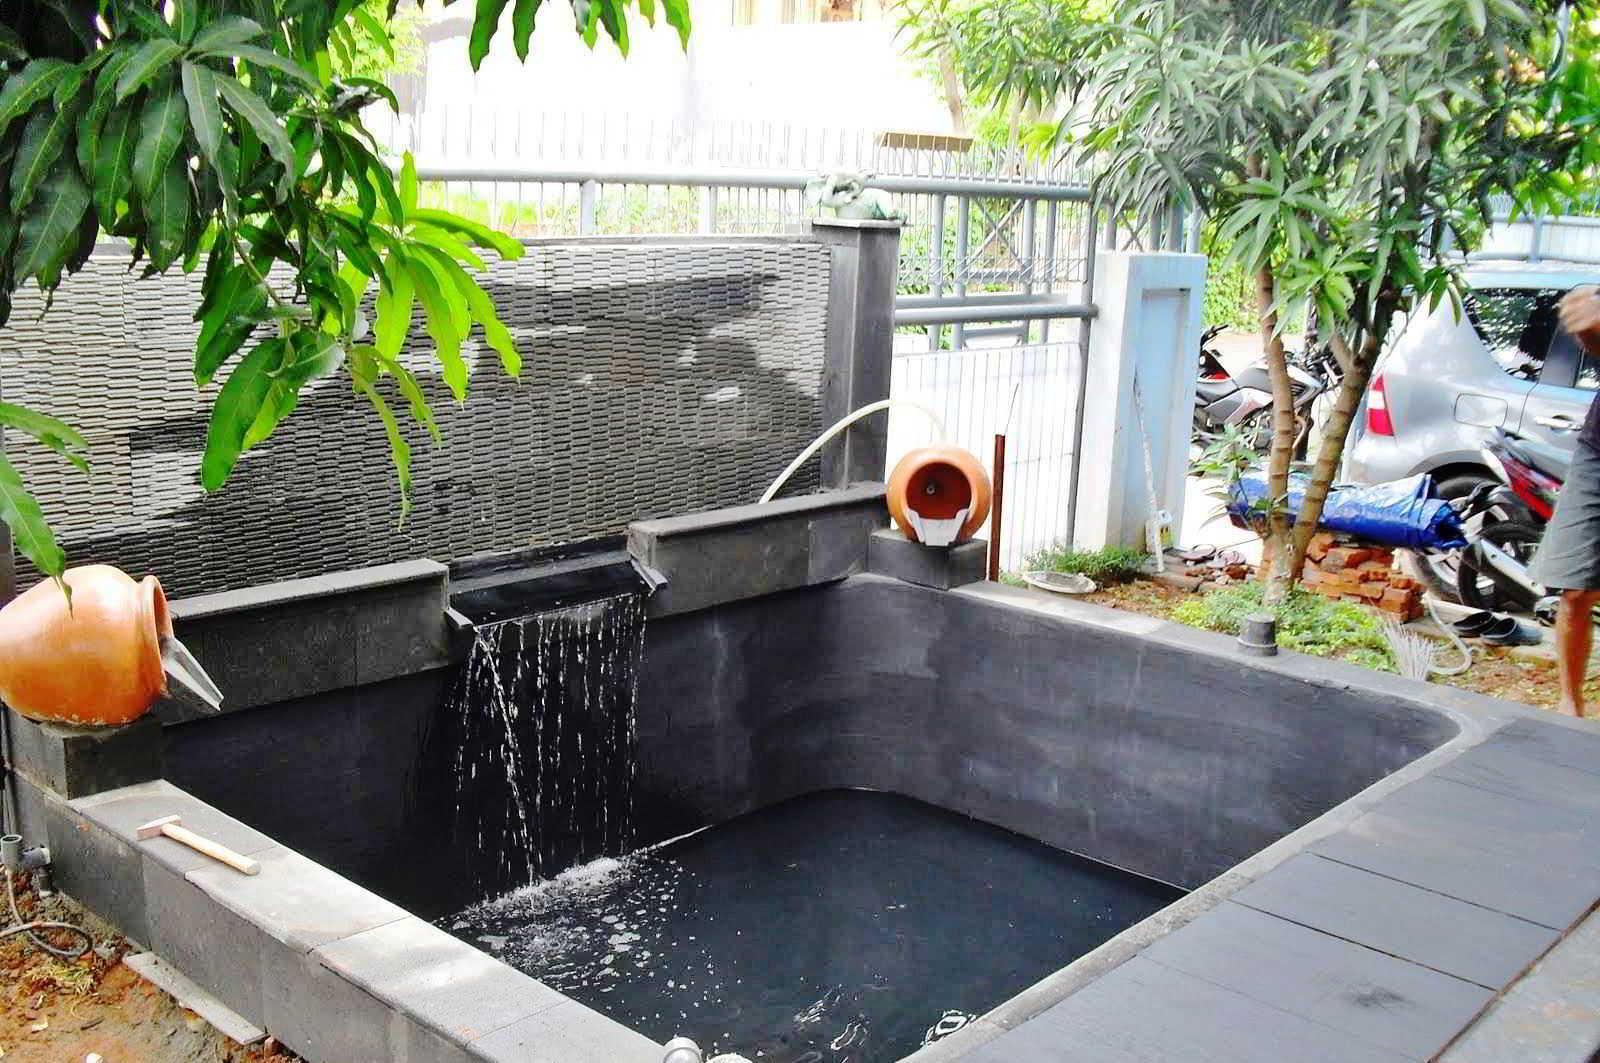 Rumah Minimalis Ada Kolam Ikan  Sobhome